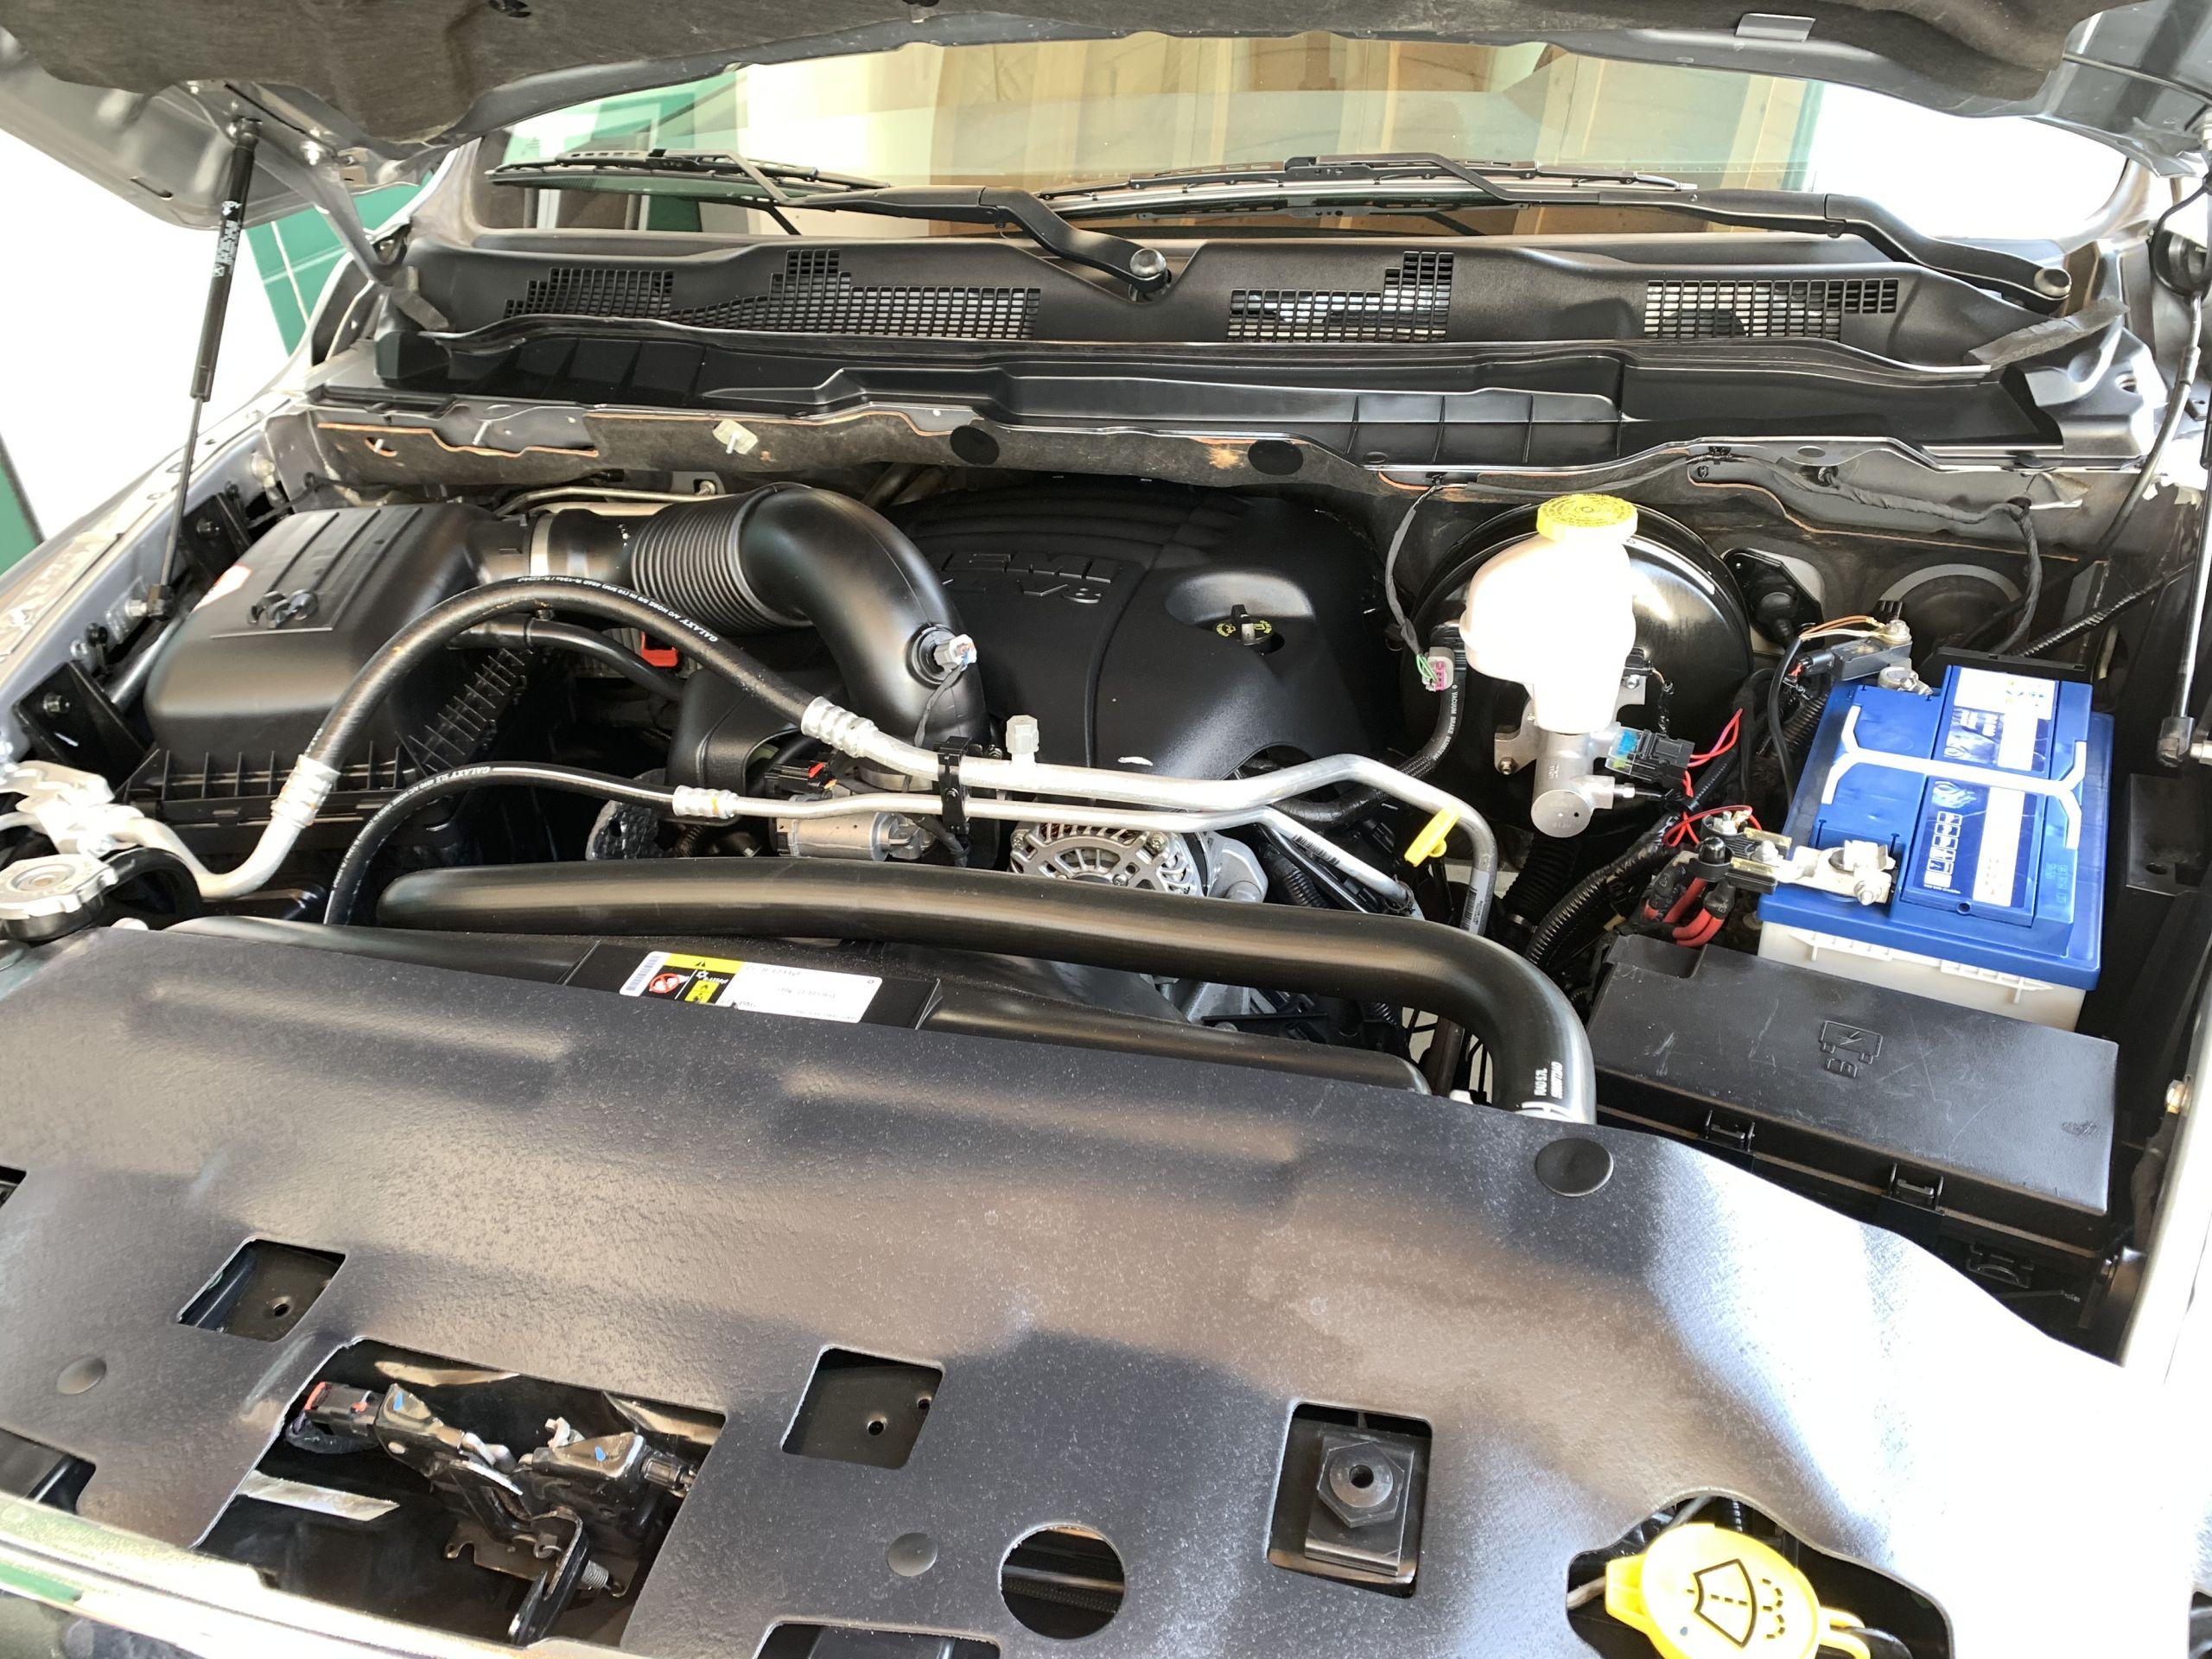 Gebraucht 2019 Silber Dodge Ram SLT 1500 zu Verkaufen deutschland